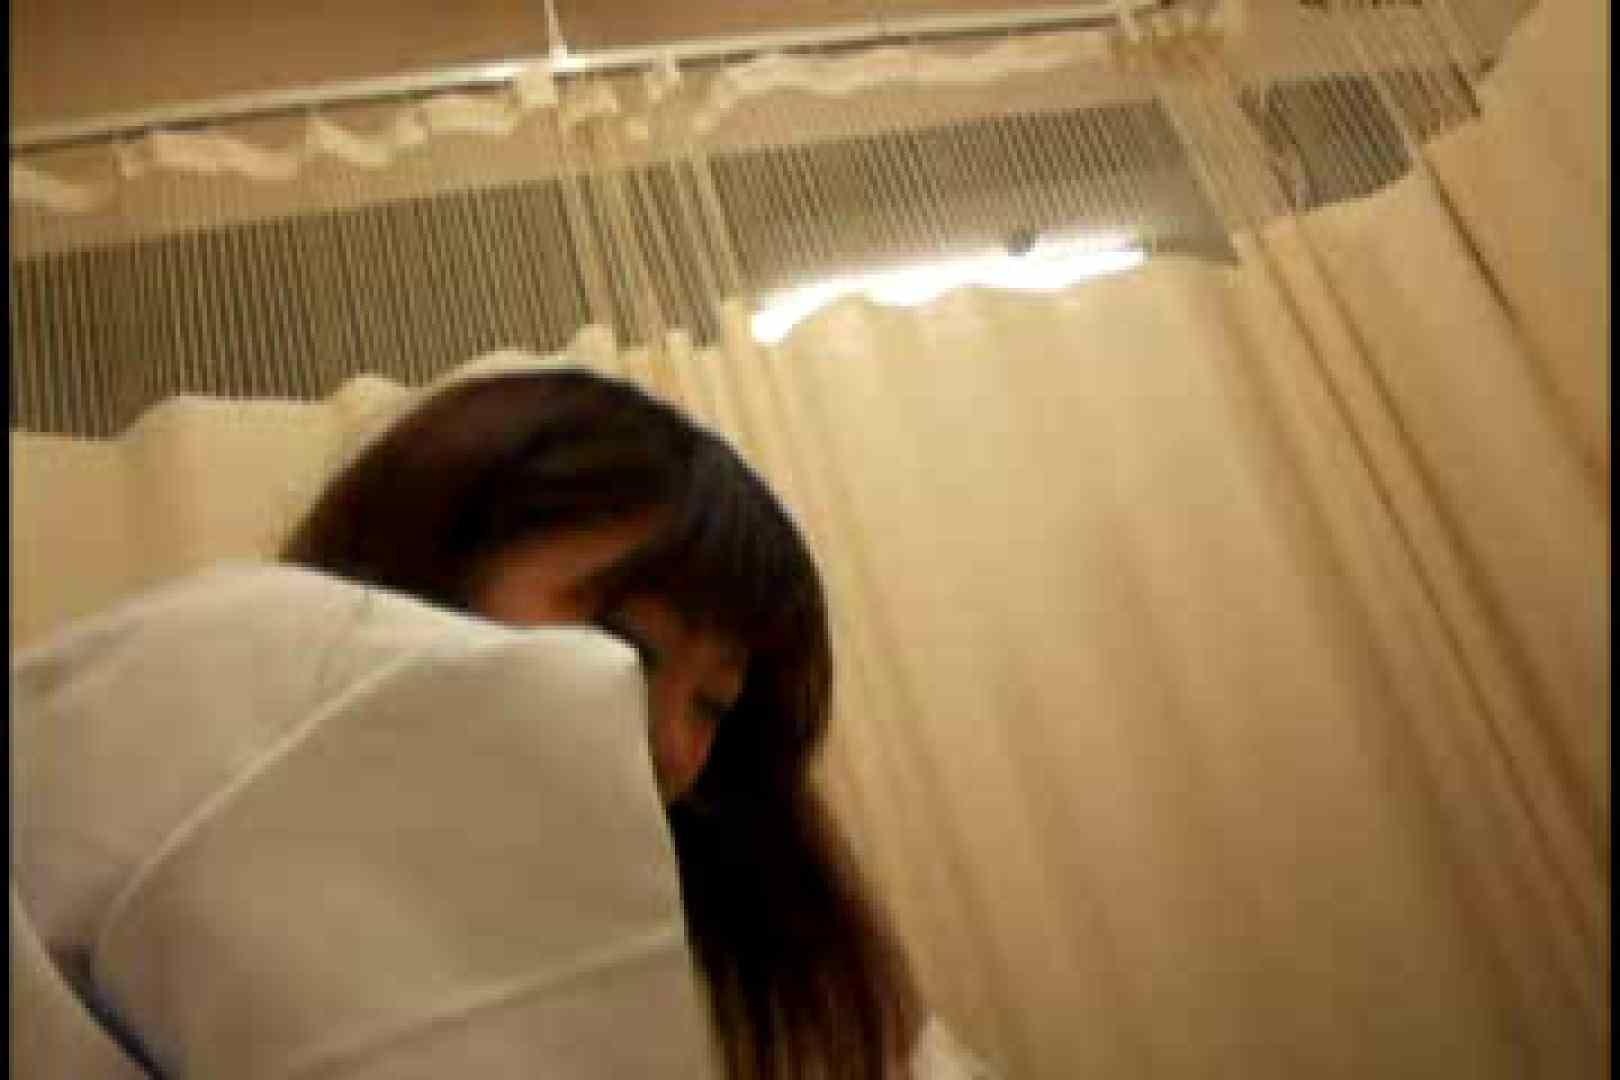 ヤリマンと呼ばれた看護士さんvol2 0   OL  88画像 80